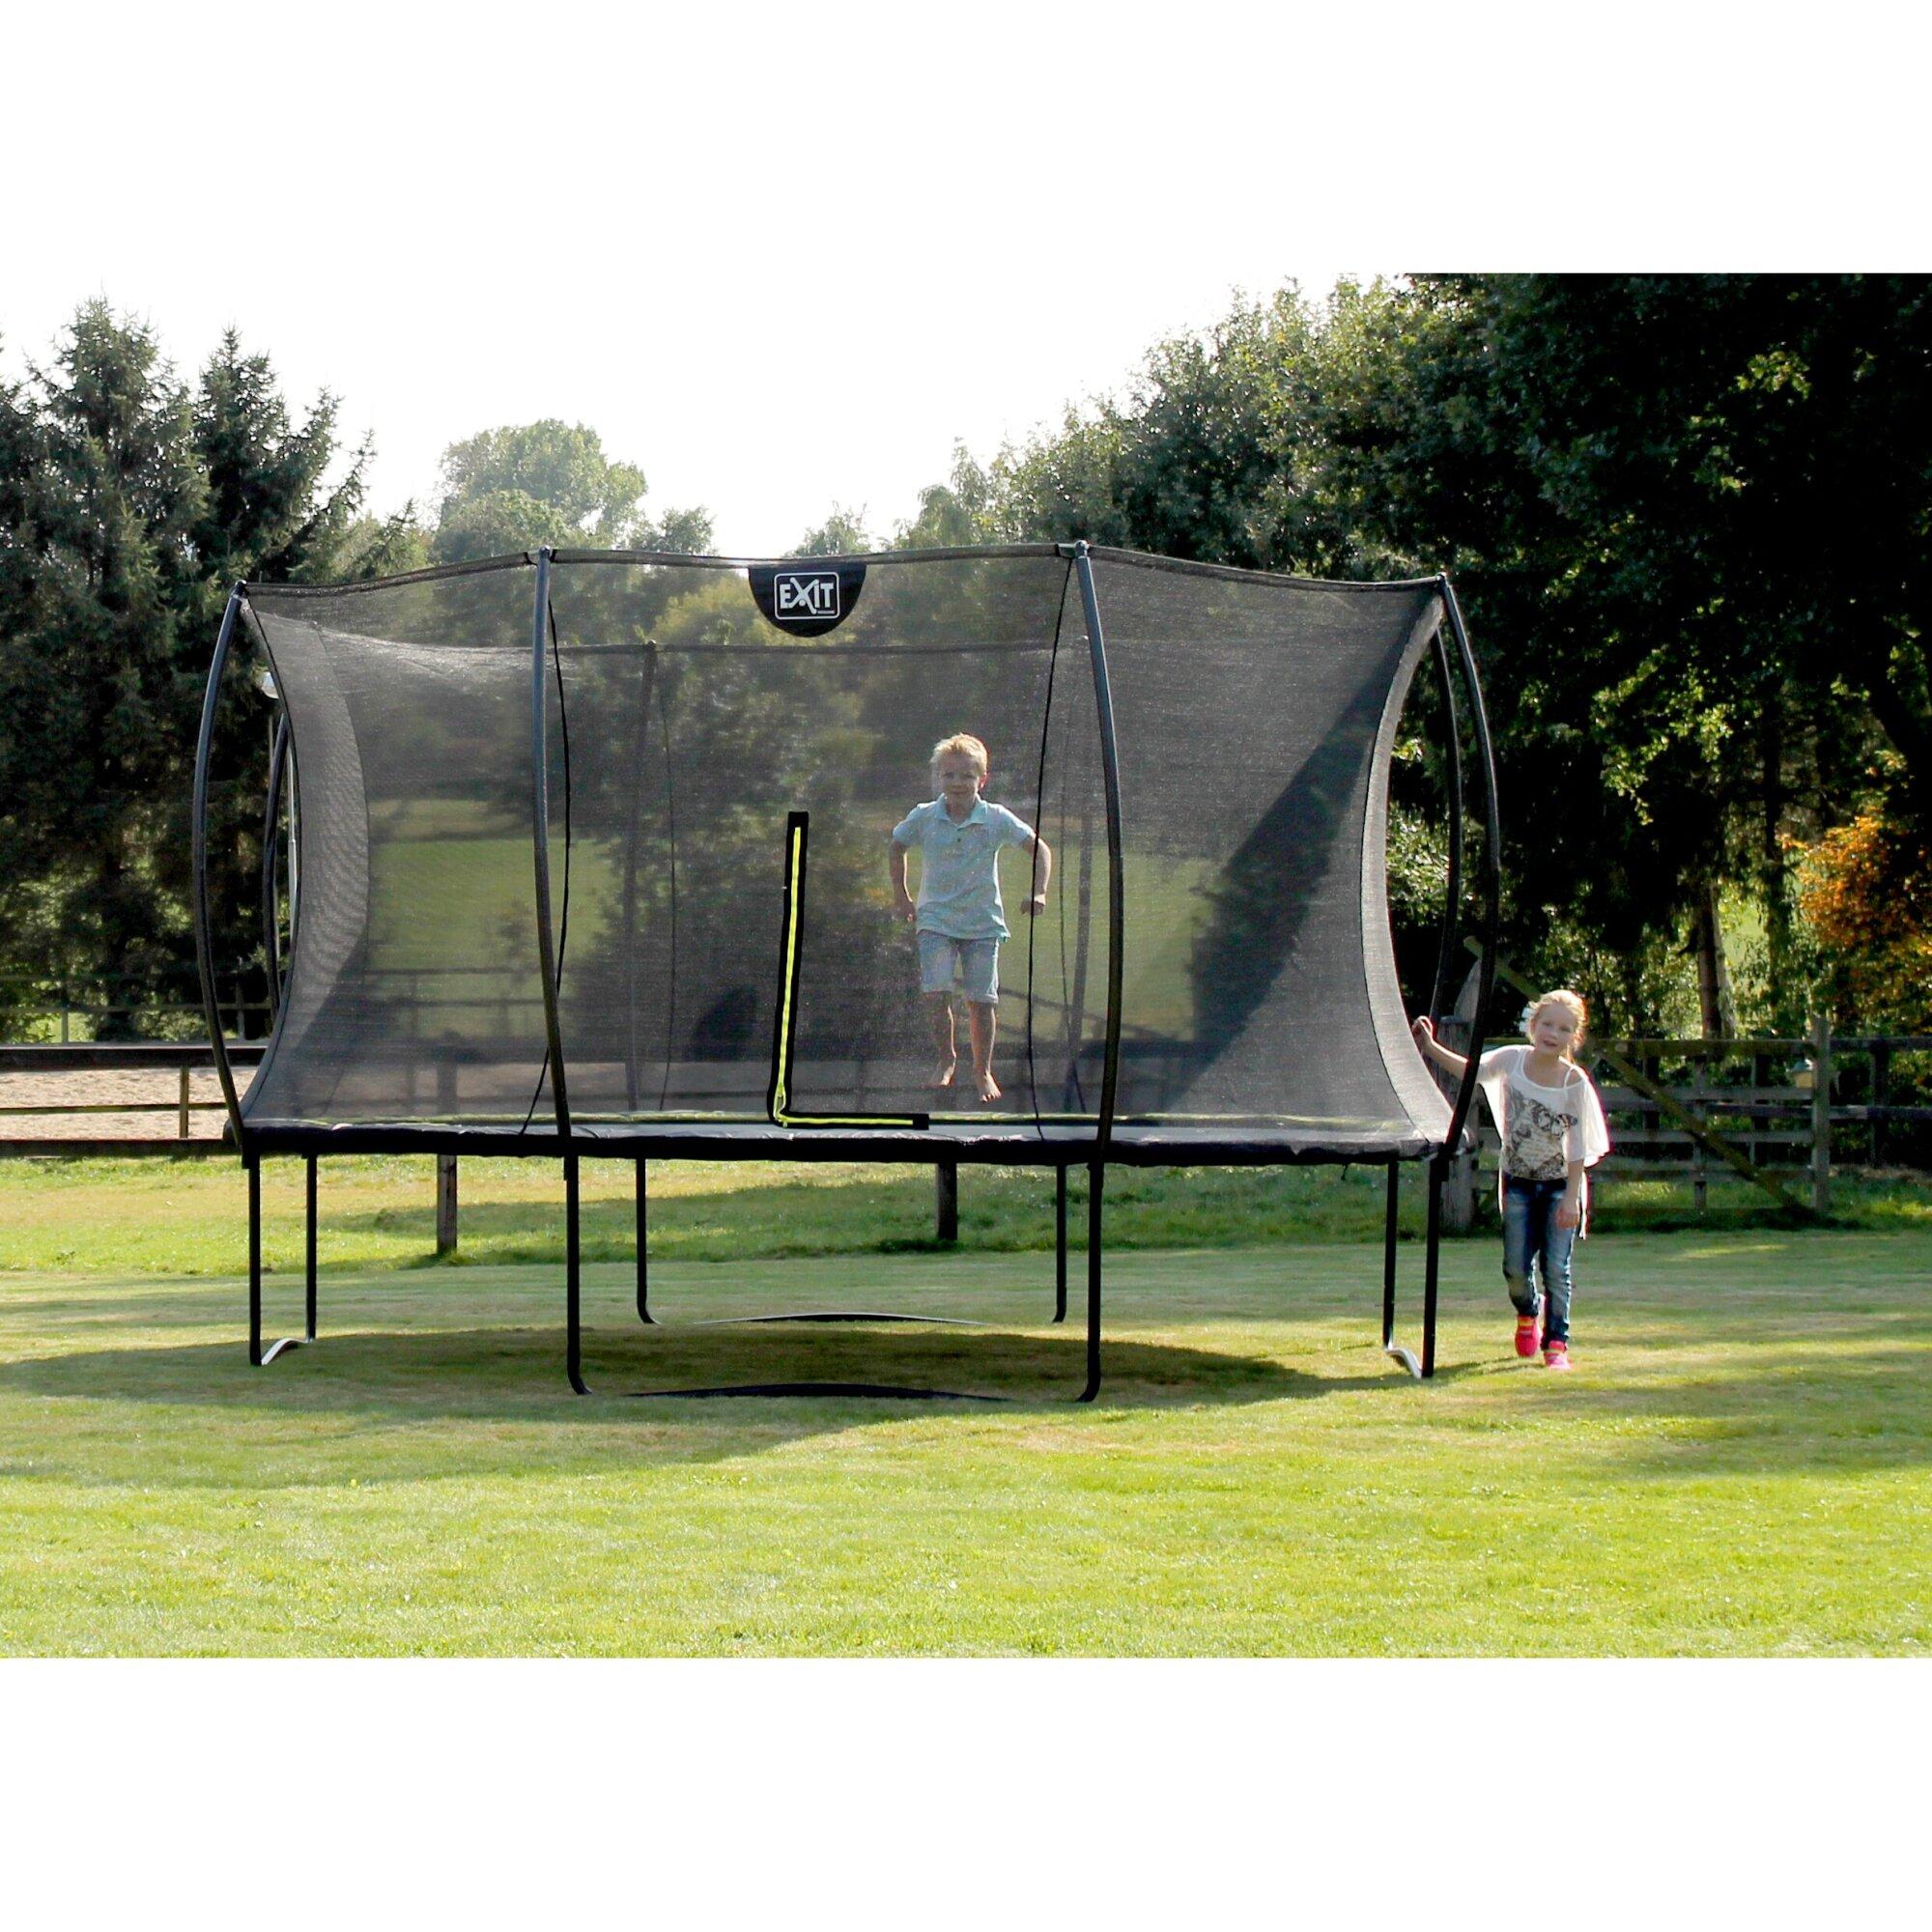 EXIT Silhouette Trampolin - jetzt bestellen bei trampolin-profi.de